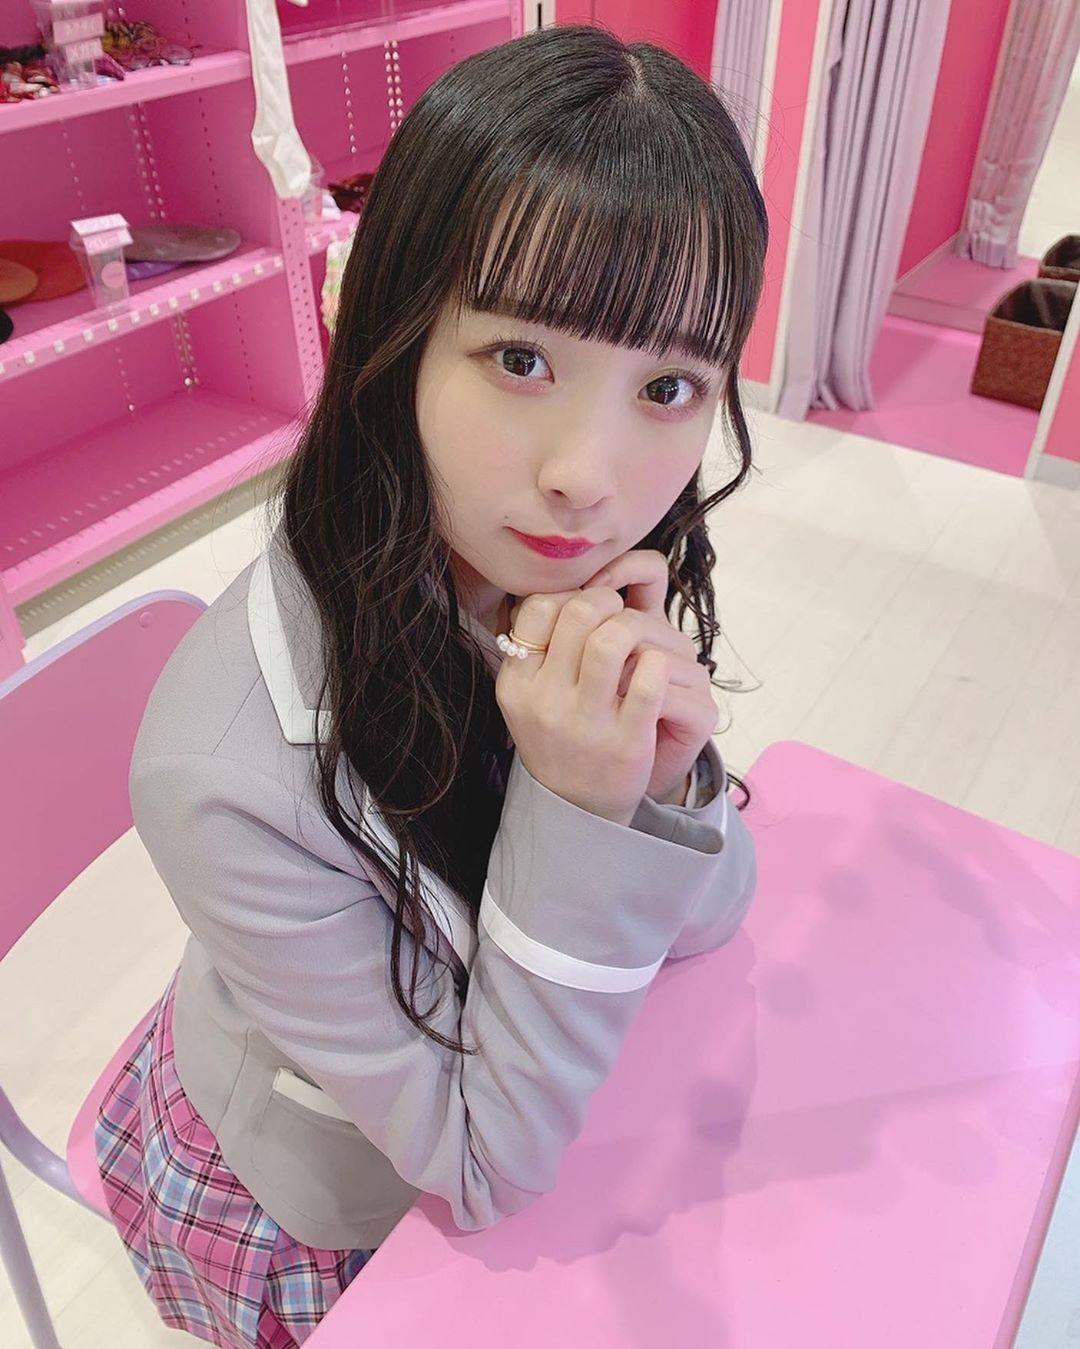 憧れの韓国アイドル風の制服でパシャり